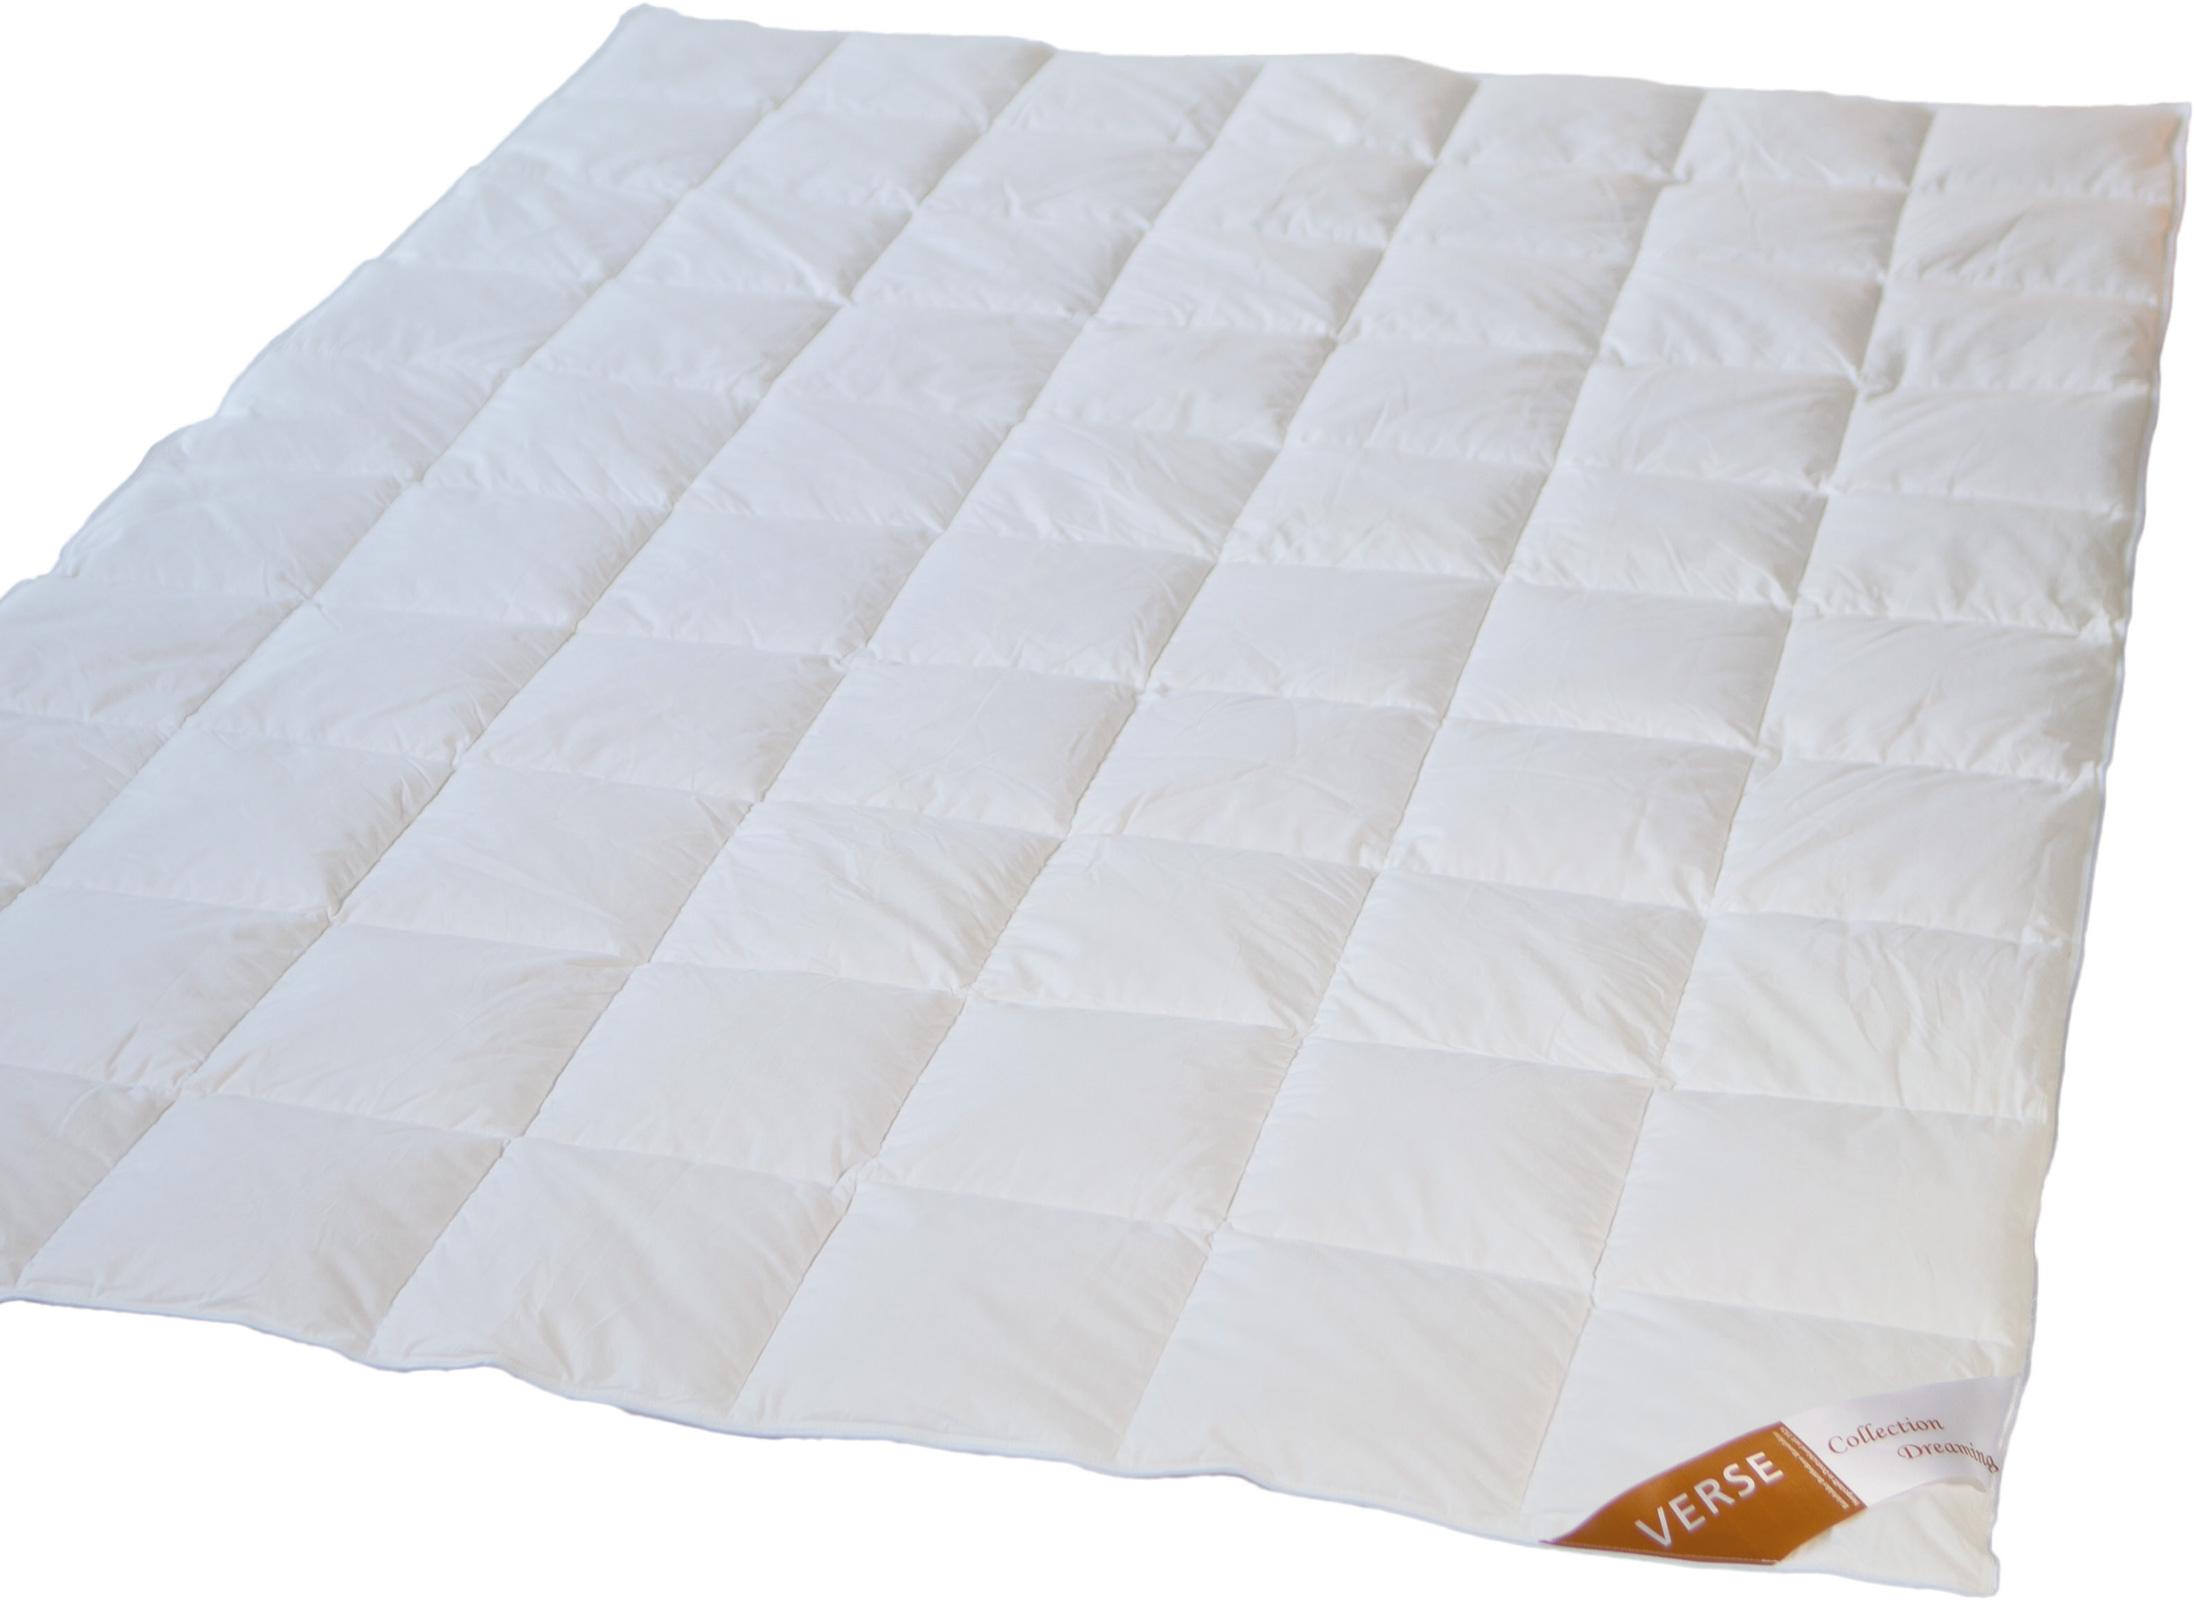 Bettdecken und Kopfkissen - Sommerdecke Daunen Bettdecke Verse Collection Dreaming 200x200 90 Daune 10 Feder  - Onlineshop PremiumShop321